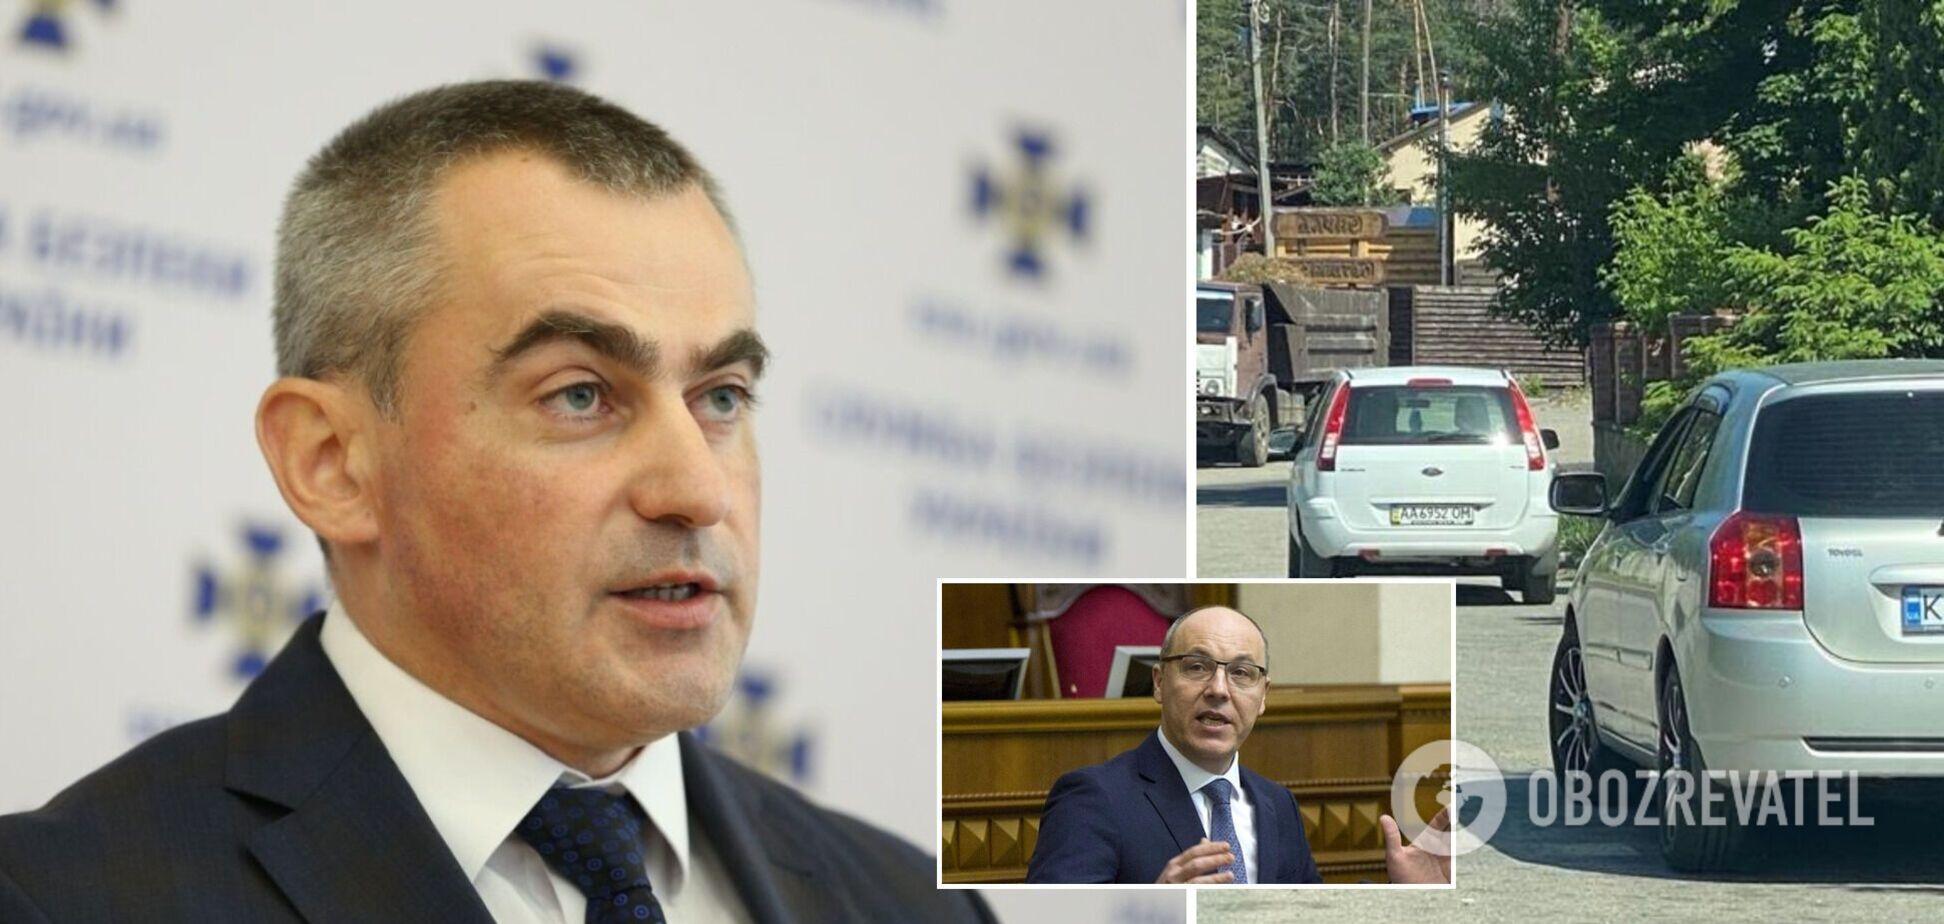 Парубий заявил о слежке за генералом СБУ и депутатом Киевсовета Кононенко